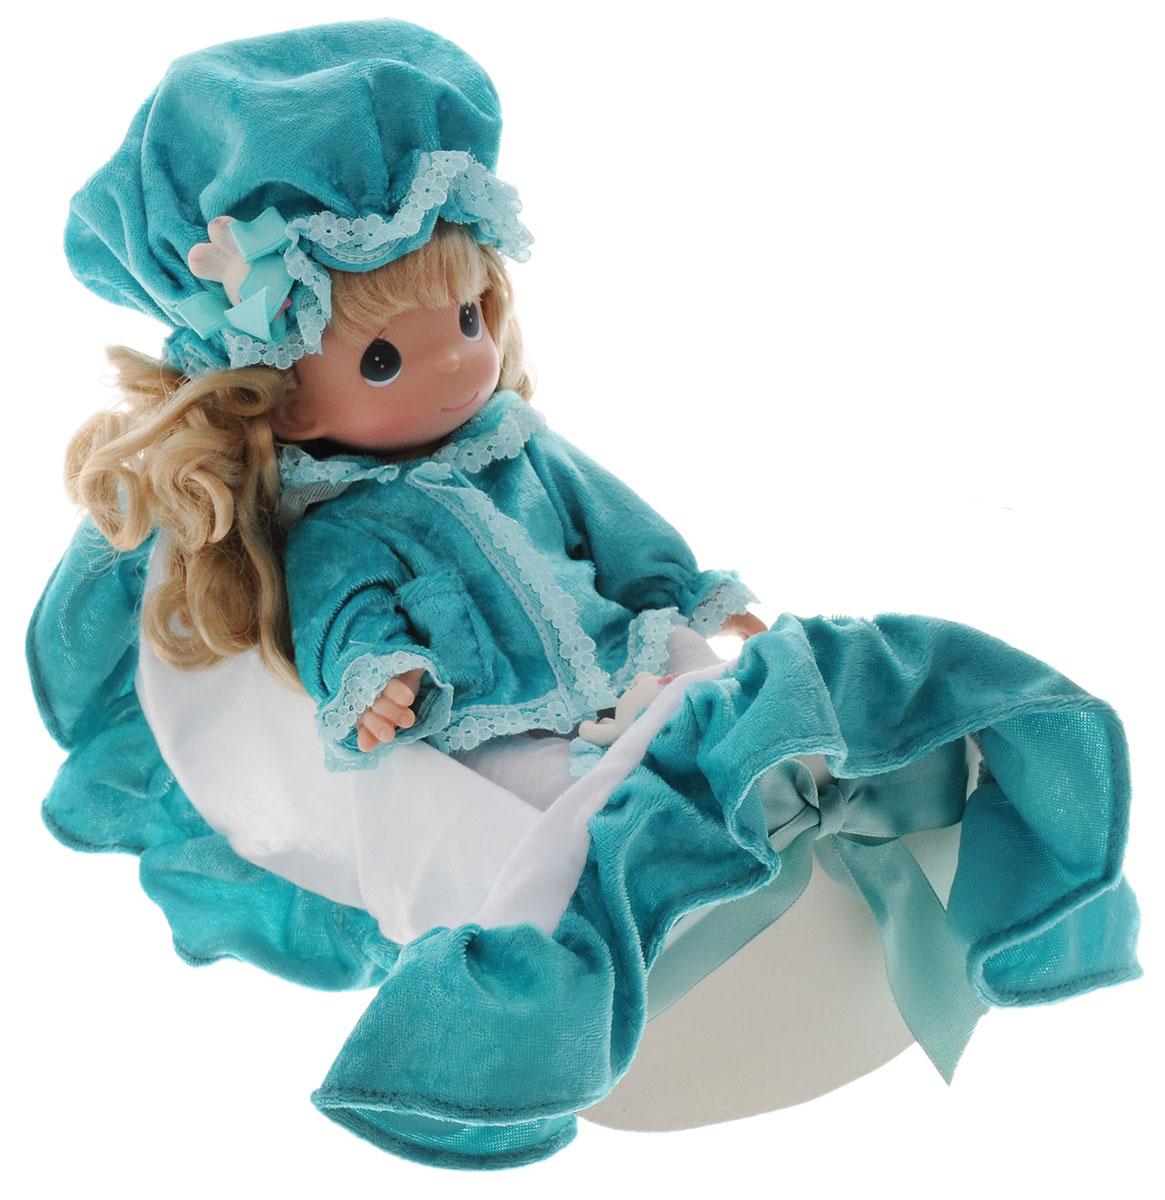 Precious Moments Кукла Рок-бай младенцев девочка3515Коллекция кукол Precious Moments насчитывает на сегодняшний день более 600 видов. Куклы изготавливаются из качественного, безопасного материала и имеют пять базовых точек артикуляции. Каждый год в коллекцию добавляются все новые и новые модели. Каждая кукла имеет свой неповторимый образ и характер. Она может быть подарком на память о каком-либо событии в жизни. Куклы выполнены с любовью и нежностью, которую дарит нам известная волшебница - создатель кукол Линда Рик! Кукла Рок-бай младенцев с длинными светлыми волосами одета в белые штанишки и бирюзовую кофту. На голове у куклы - бирюзовая шапочка. У девочки милое личико с большими темно-зелеными глазами. Вся одежда у куклы съемная. Также к кукле прилагаются кроватка и покрывало. Кукла научит ребенка взаимодействовать с окружающими, а также поспособствует развитию воображения, логики и тактильного восприятия. Кукла станет отличным подарком для девочки, а также ценным экспонатом любой коллекции кукол.